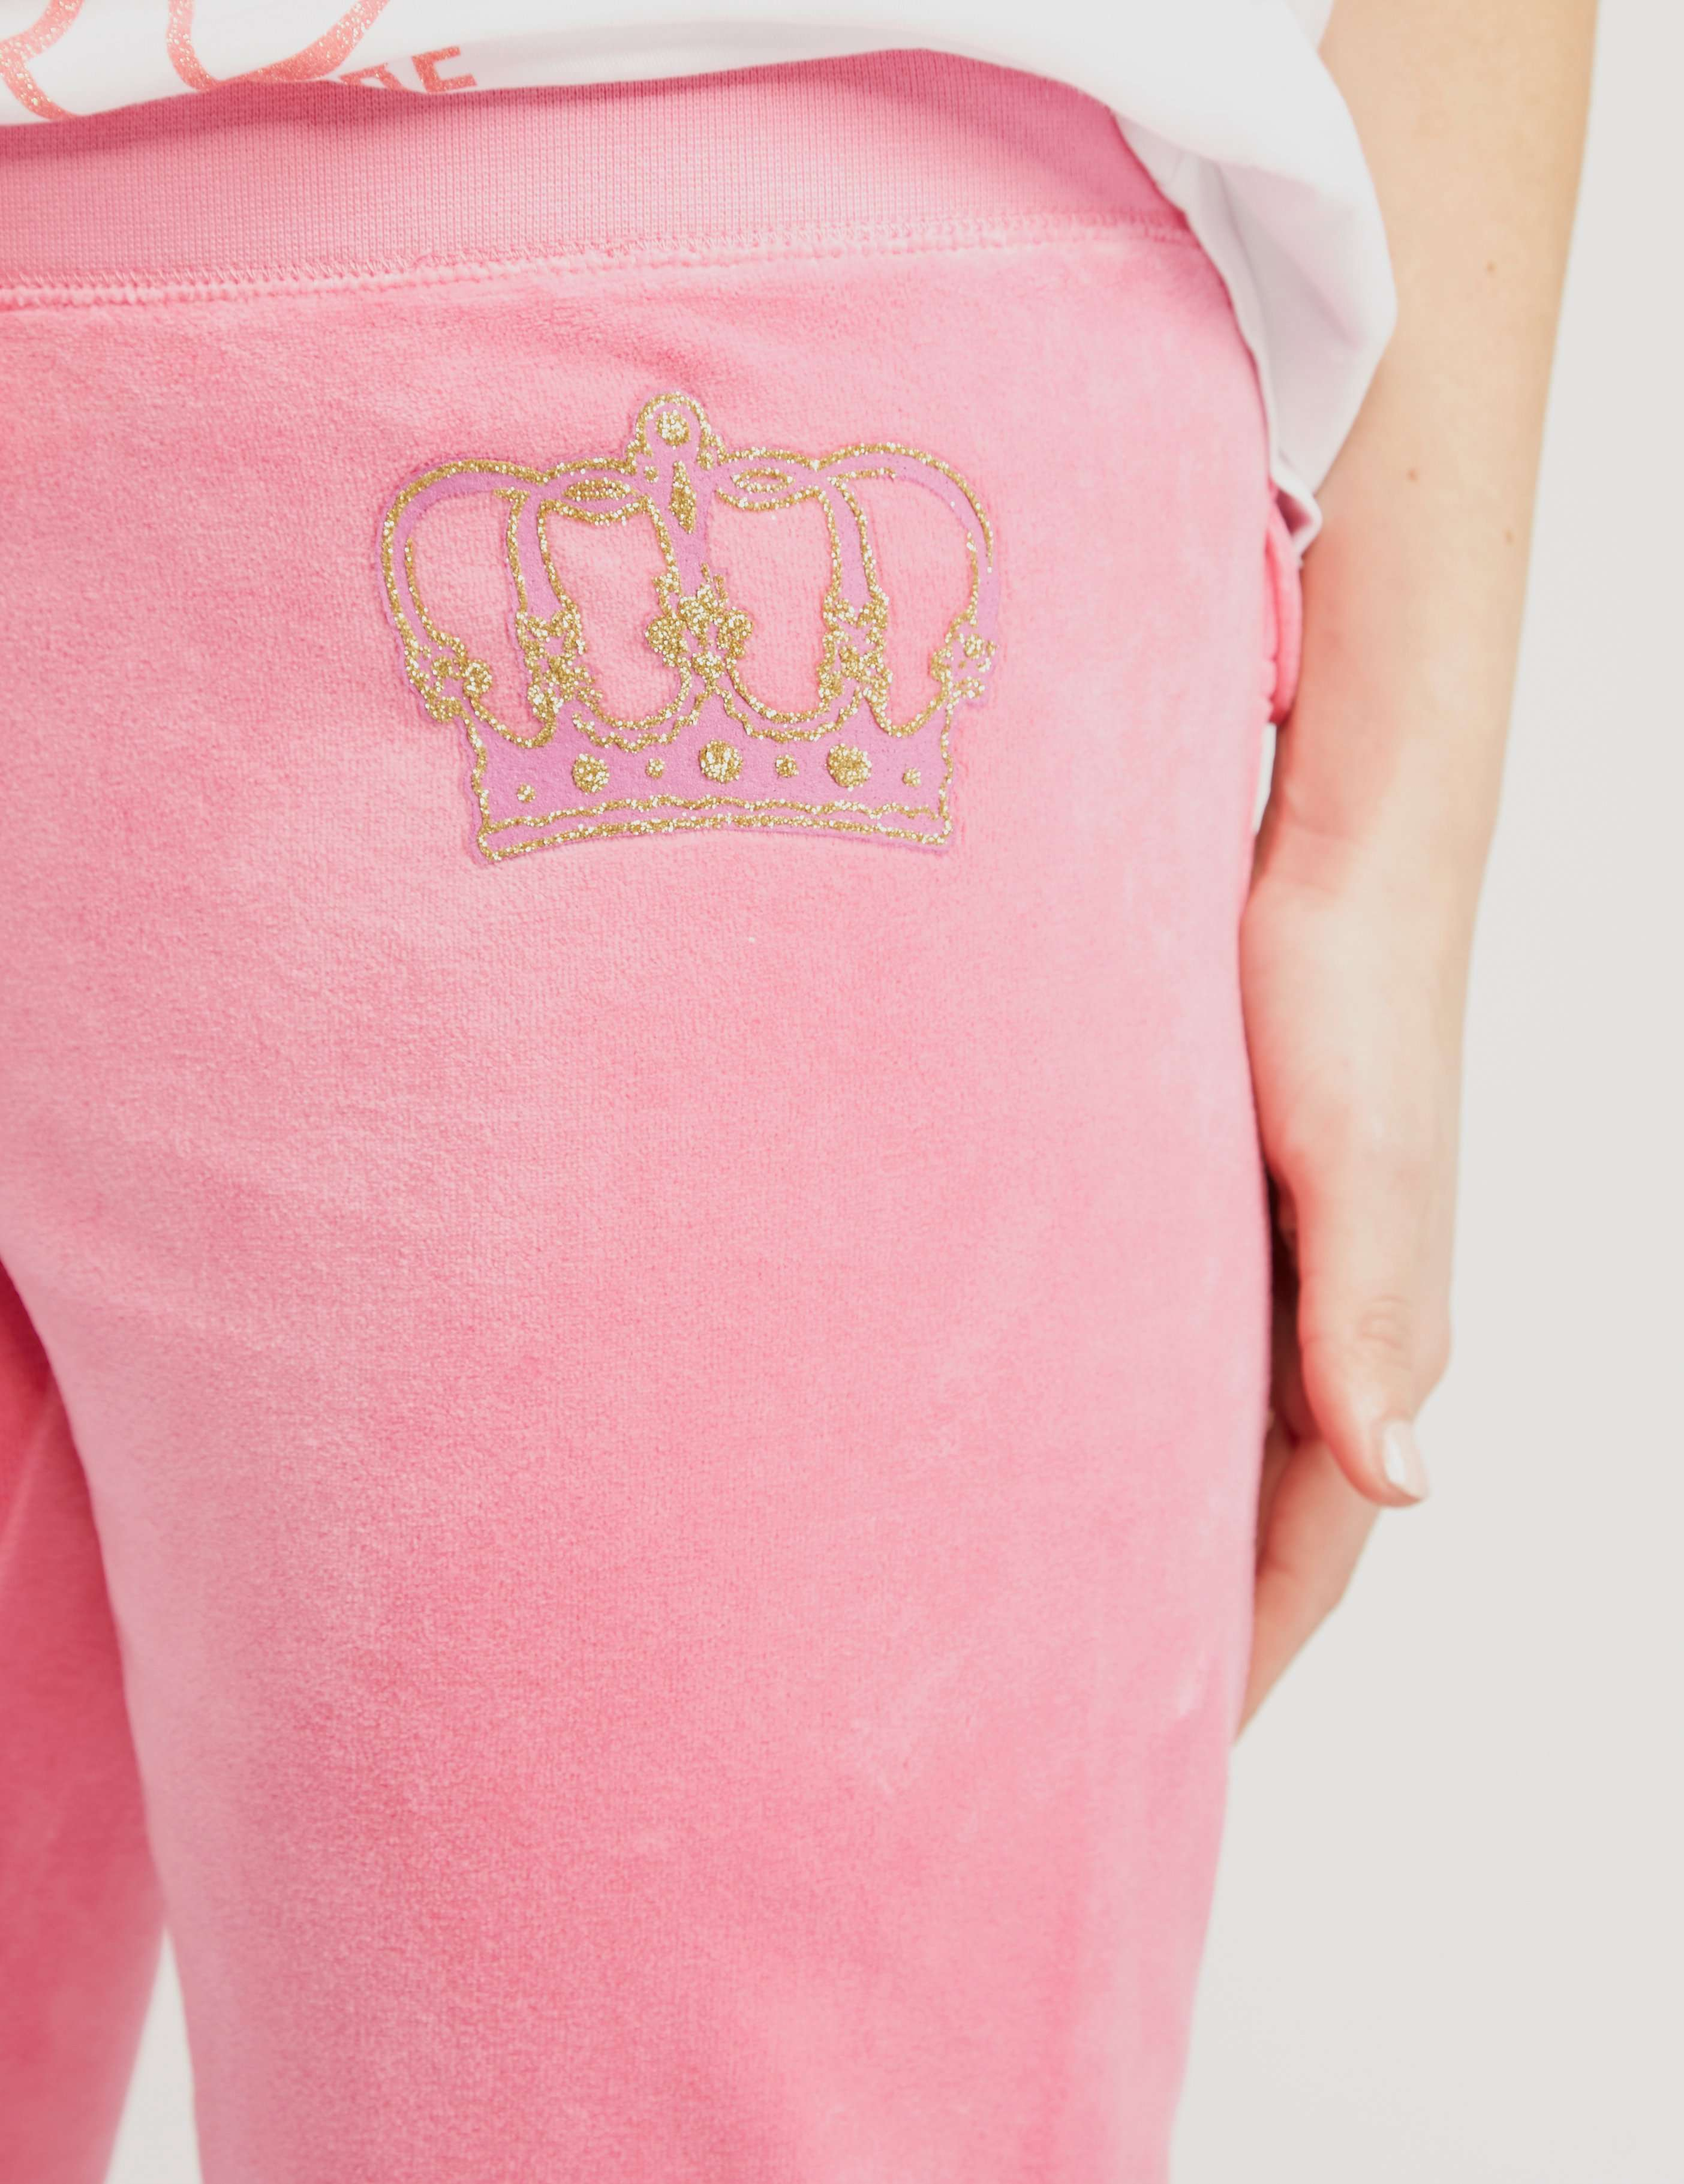 Juicy Couture Crown Velour Juicy Pant